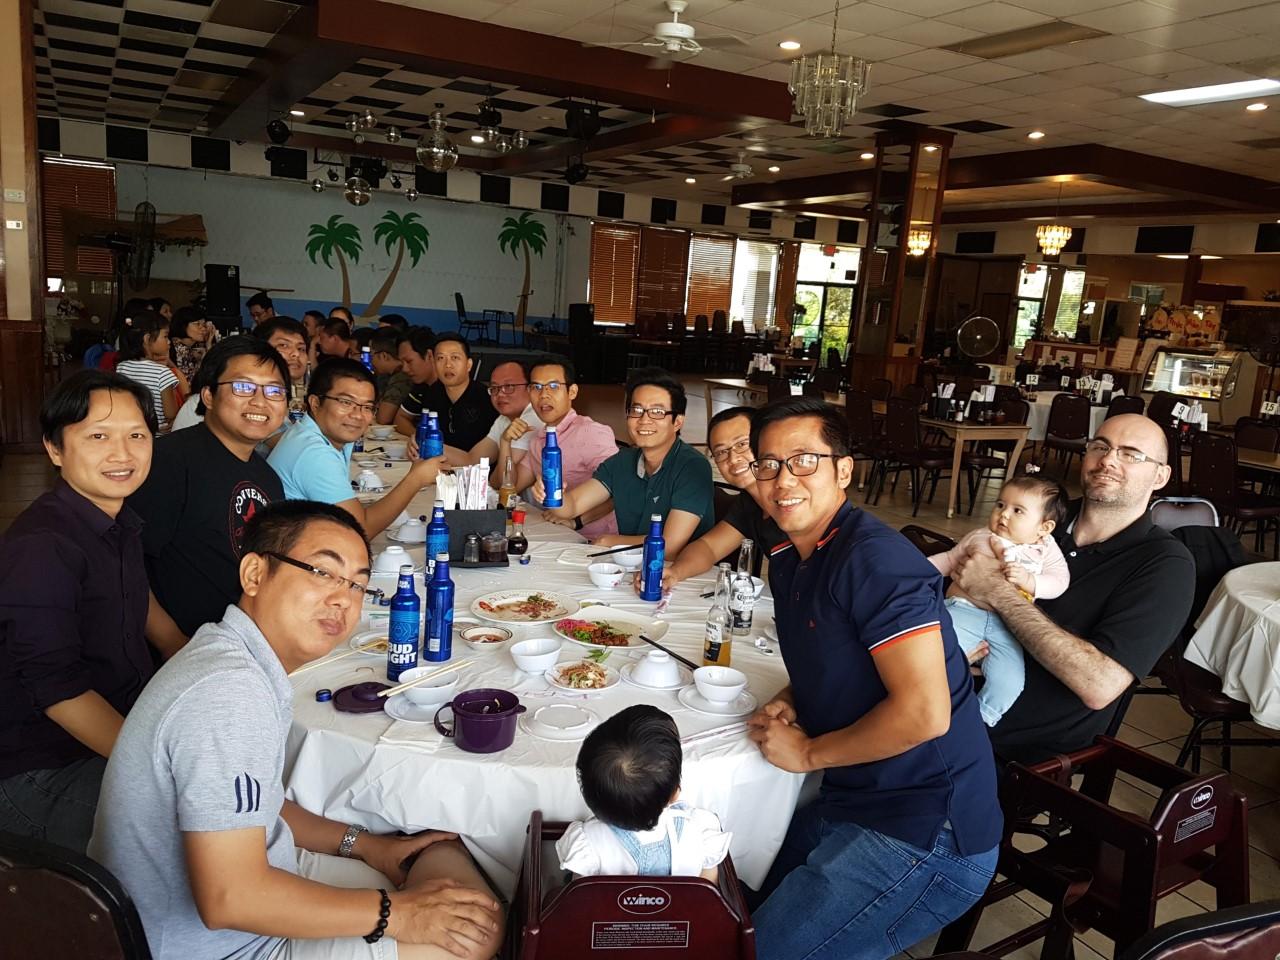 Mới đây, hơn 200 CBNV FPT Mỹ (FAM) tại 11 site toàn cầu đã cùng tổ chức nhiều hoạt động mừng sinh nhật lần thứ 11. Trong ảnh, CBNV FPT tại Houston và gia đình cùng ăn mừng công ty.